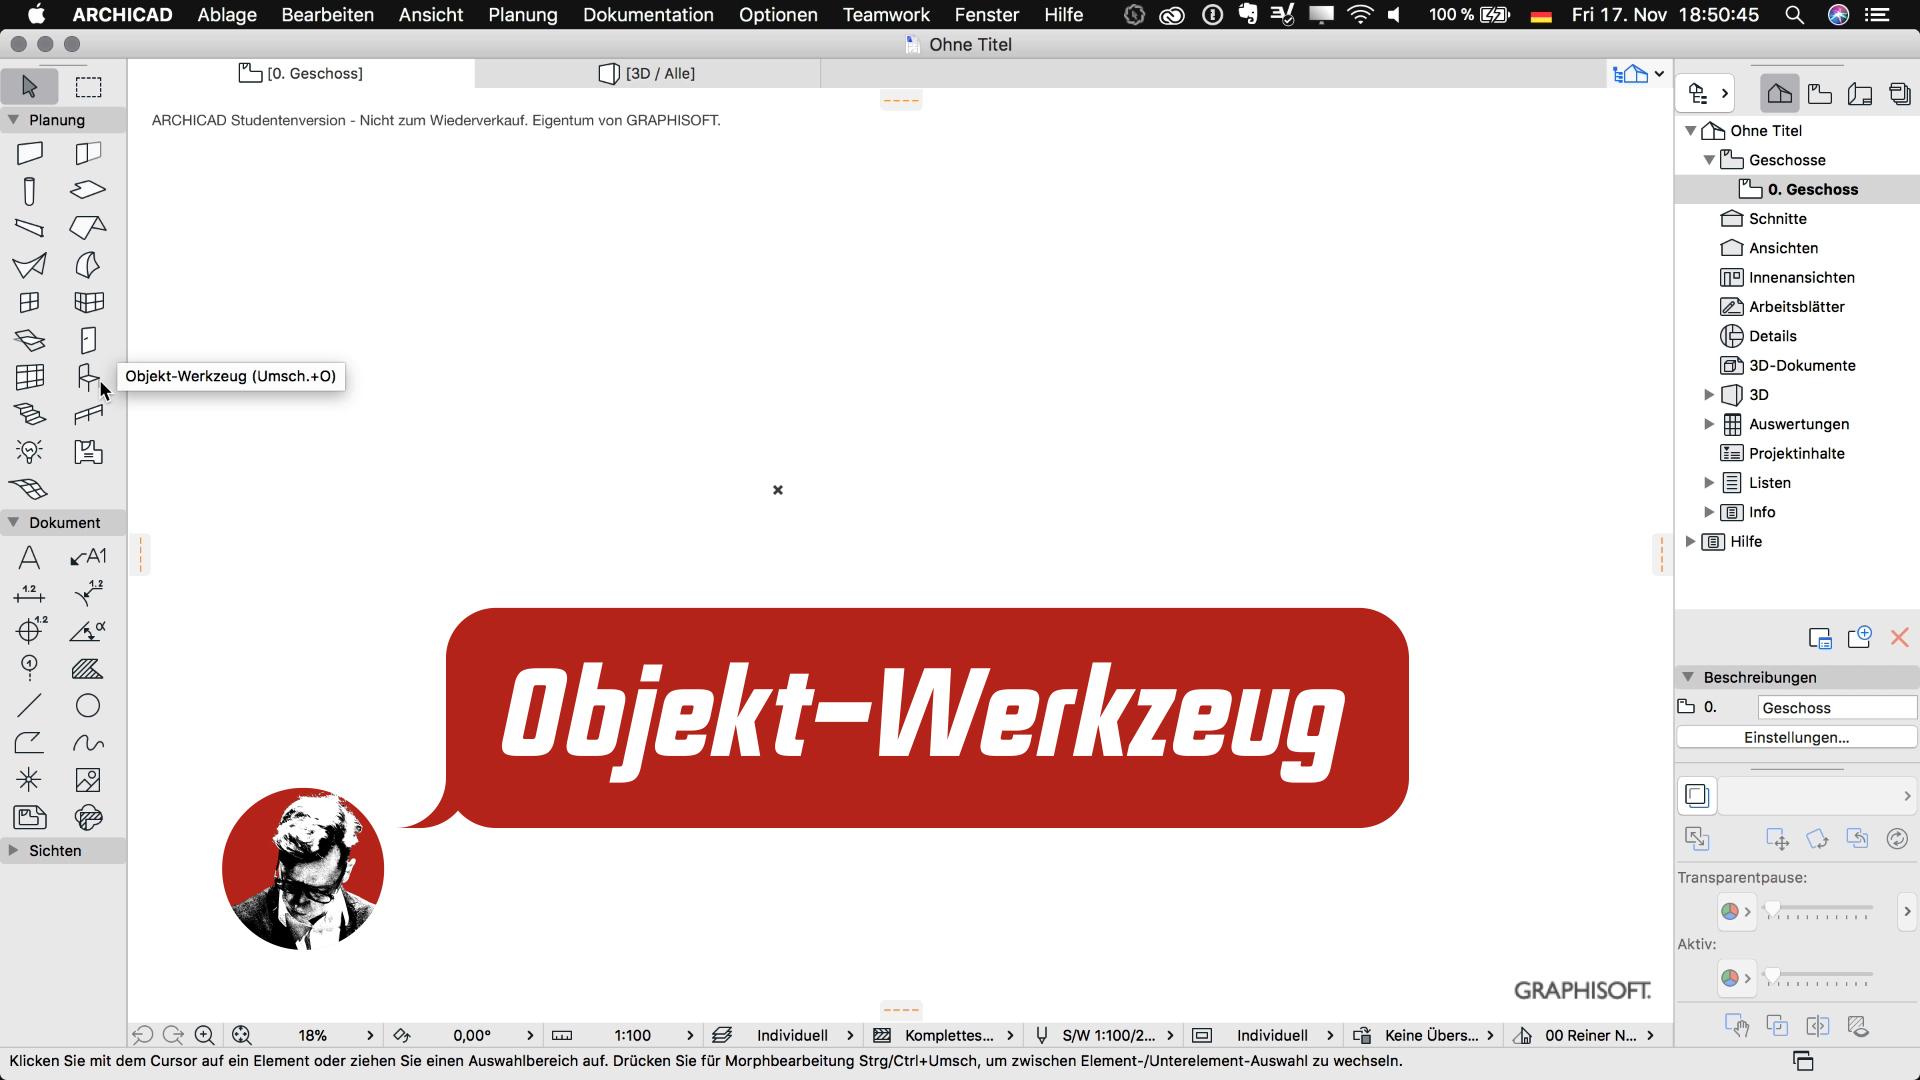 Fein Polygon Arbeitsblatt Fotos - Super Lehrer Arbeitsblätter ...